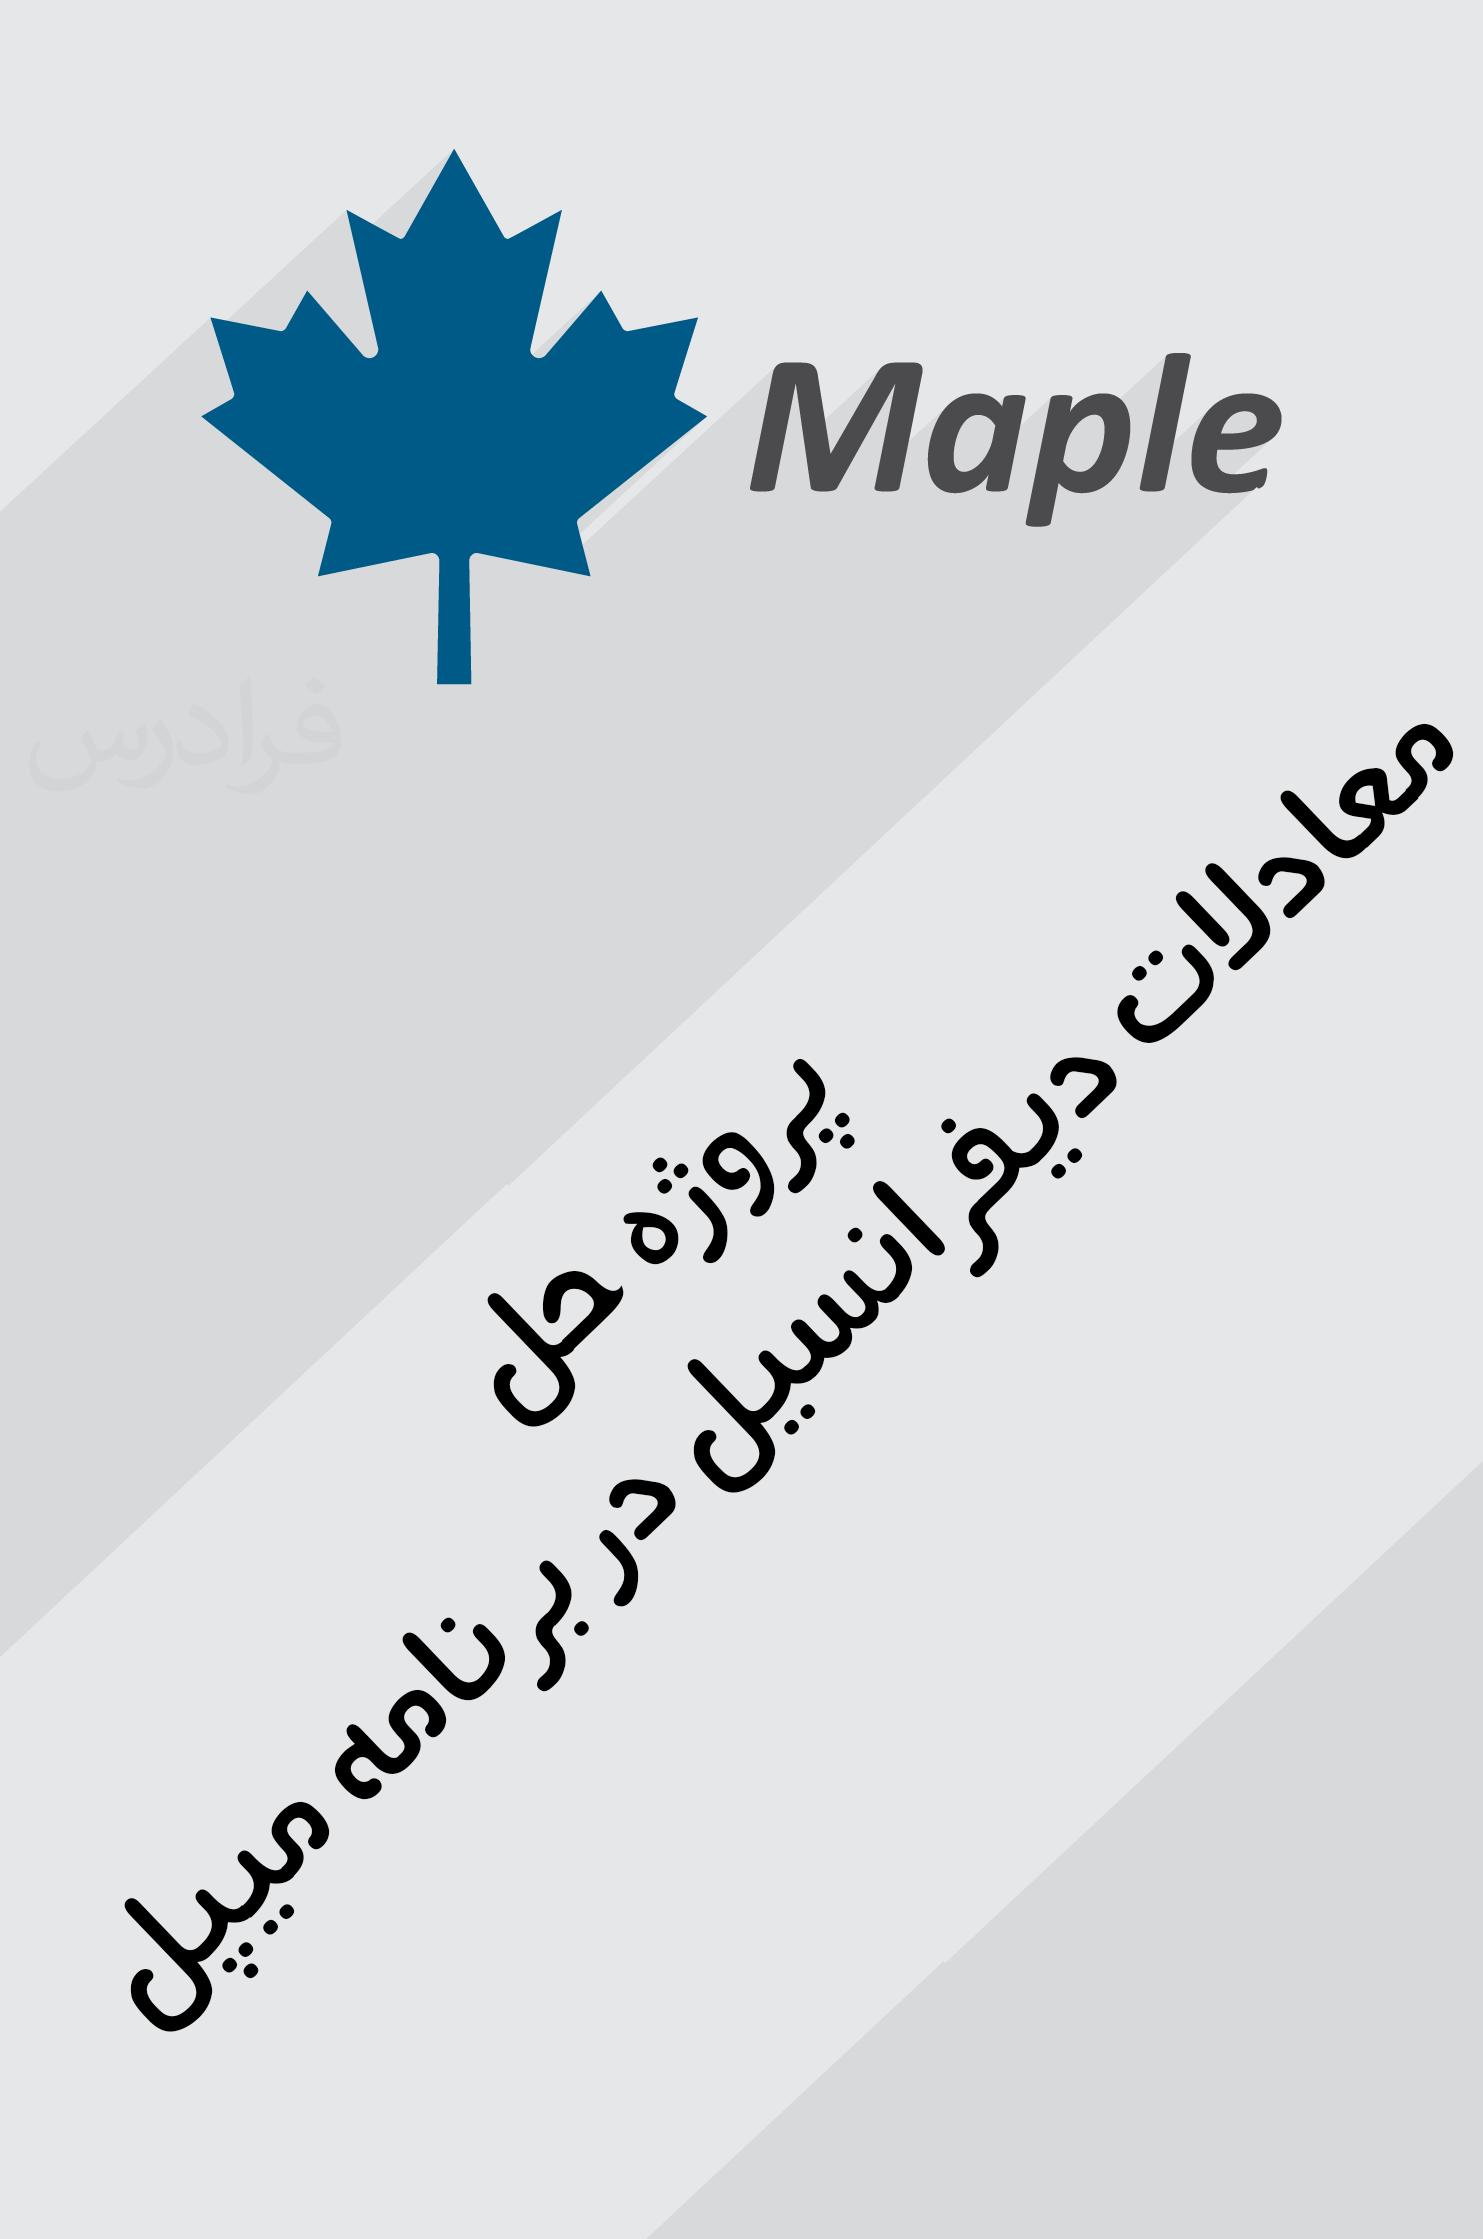 دانلود پروژه حل معادلات دیفرانسیل در برنامه میپل